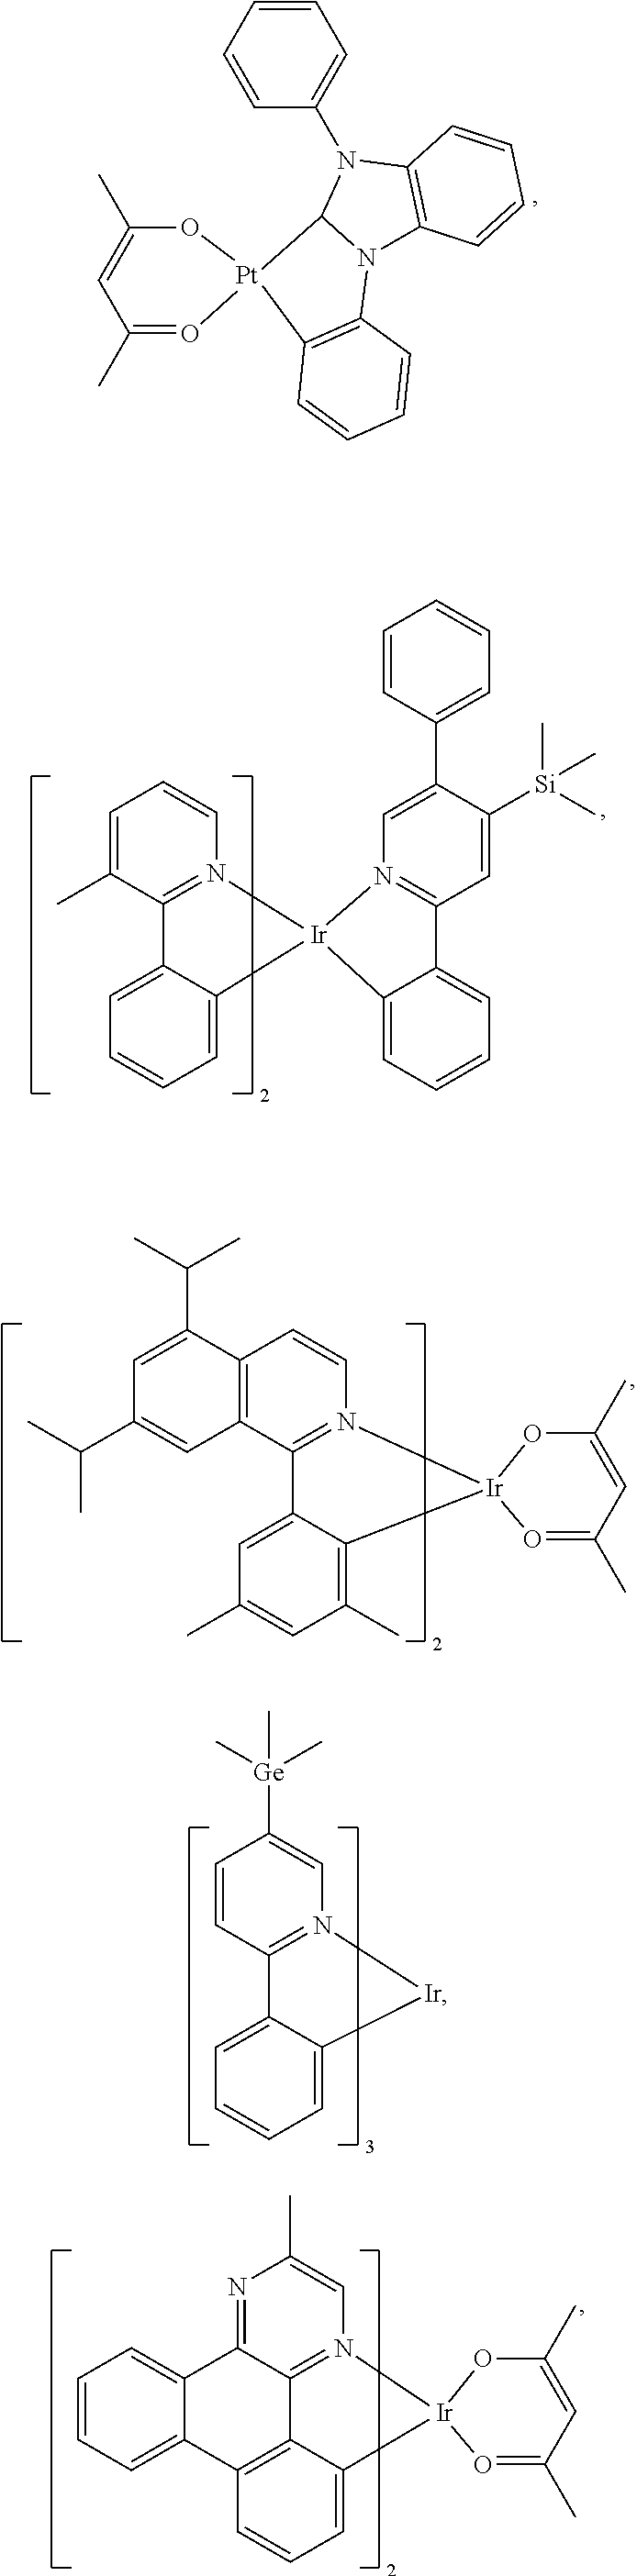 Figure US20180076393A1-20180315-C00107